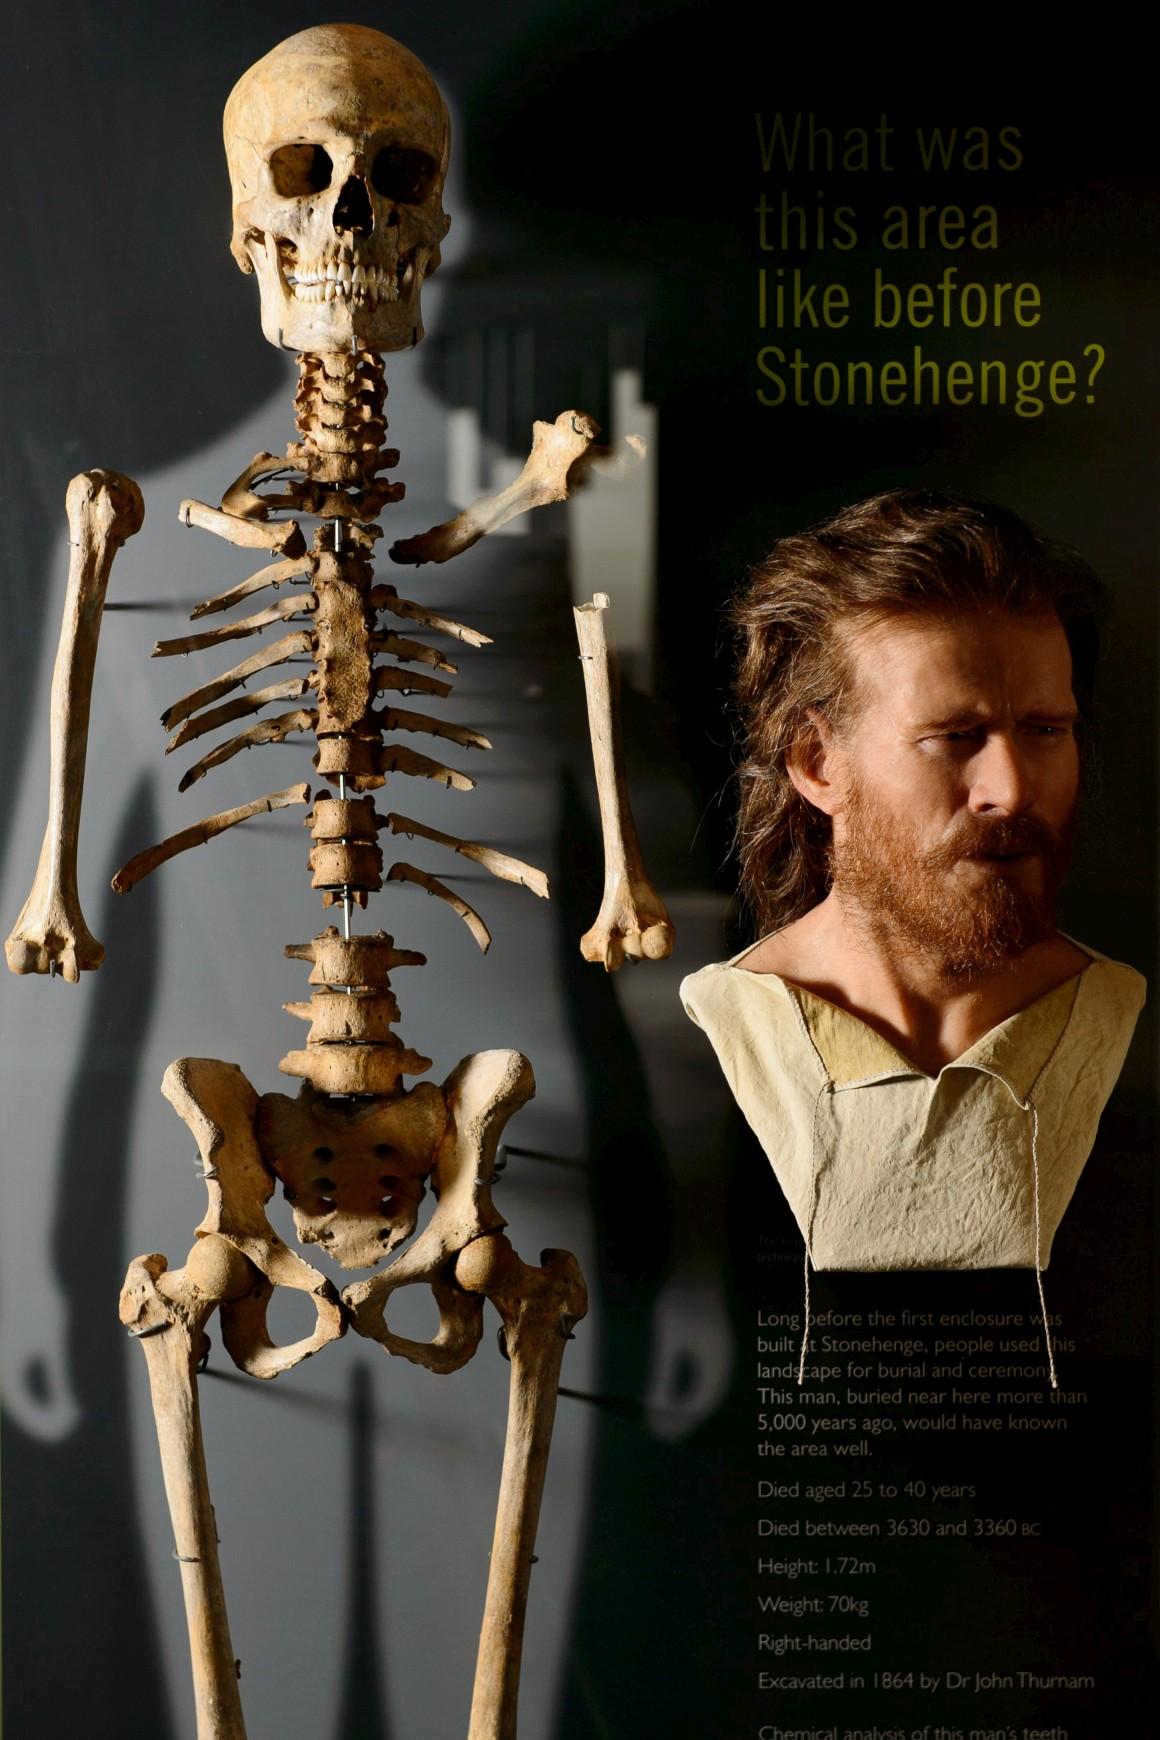 Em exposição: esqueleto de um homem do Neolítico, encontrado enterrado perto de Stonehenge, e a reconstrução realista do seu rosto